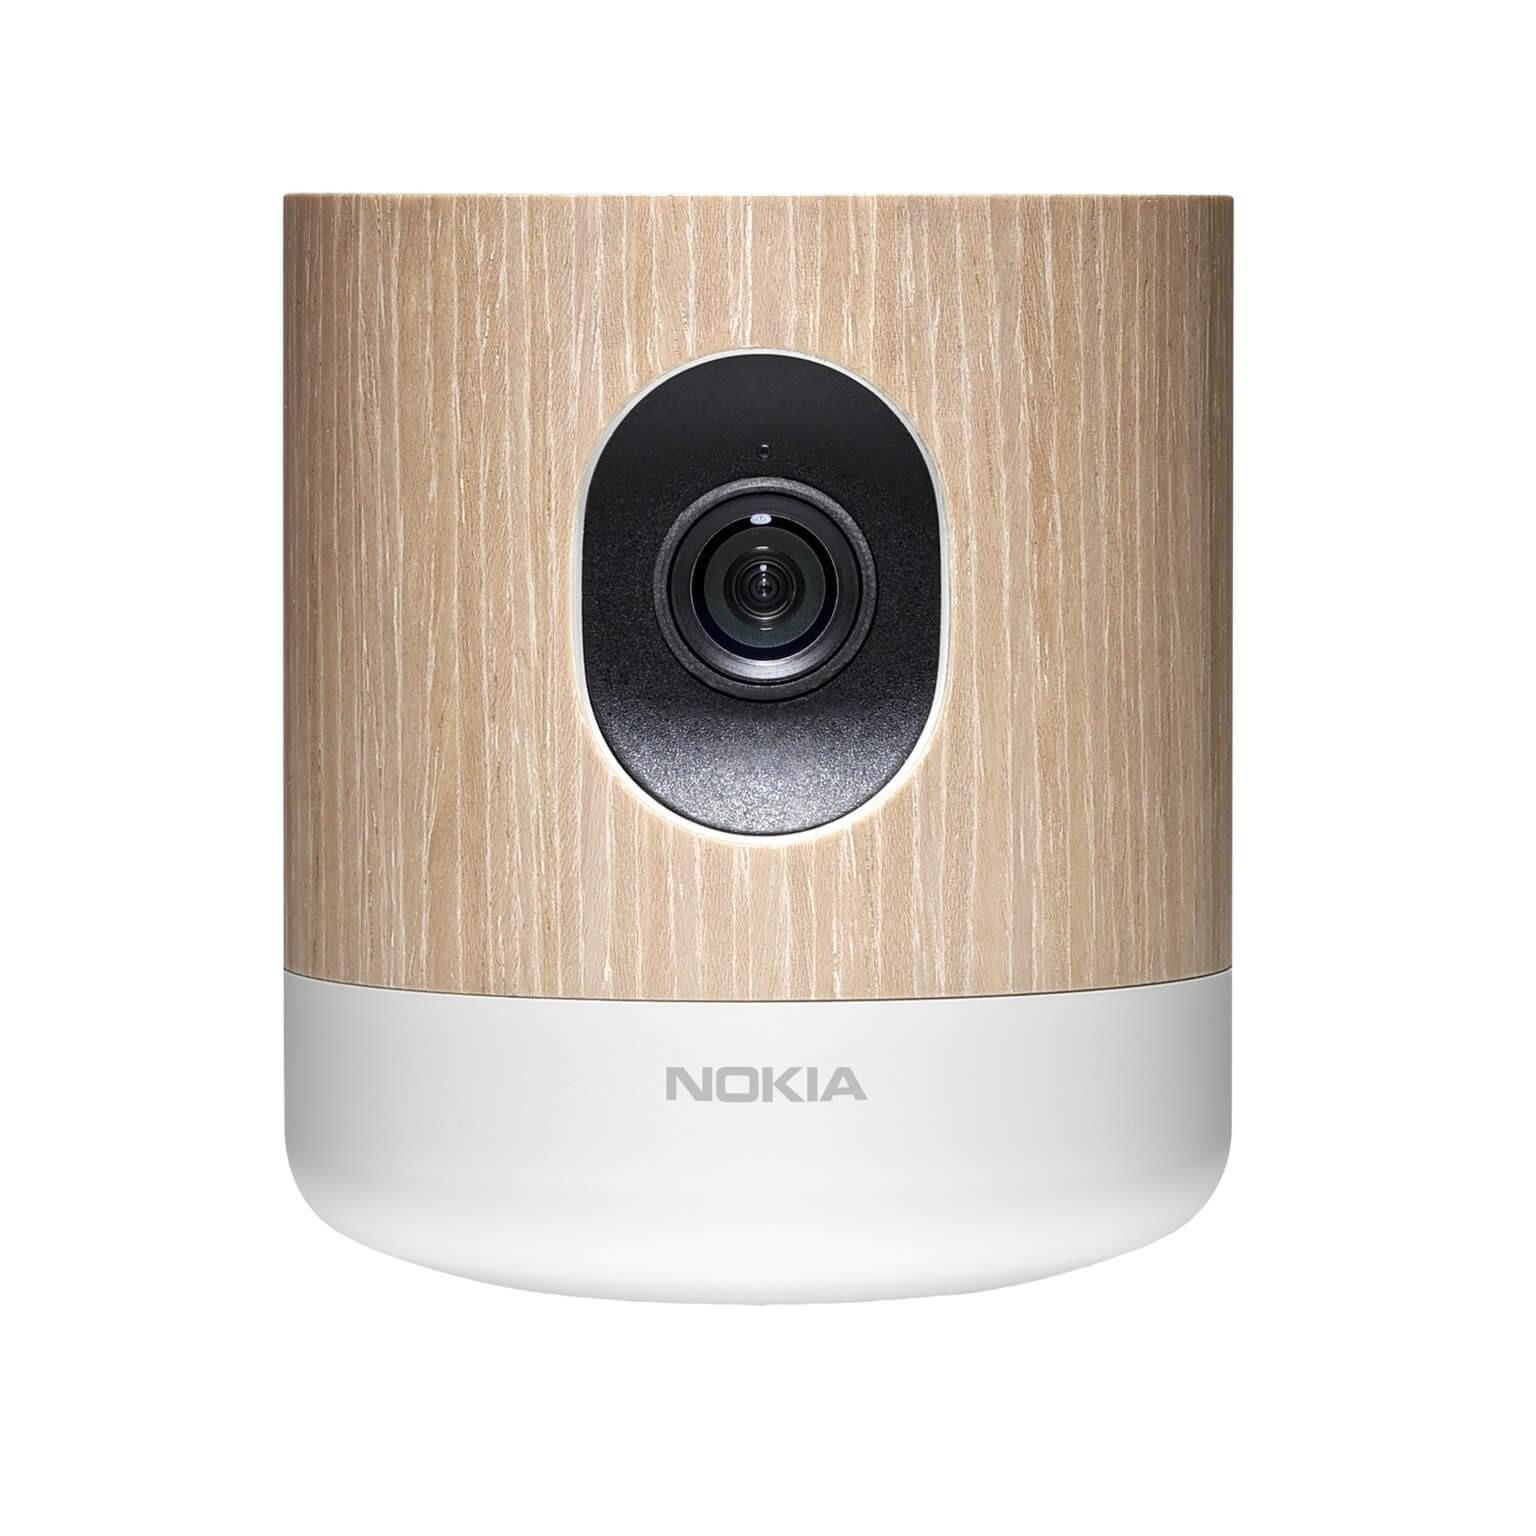 Nokia Home HD-camera